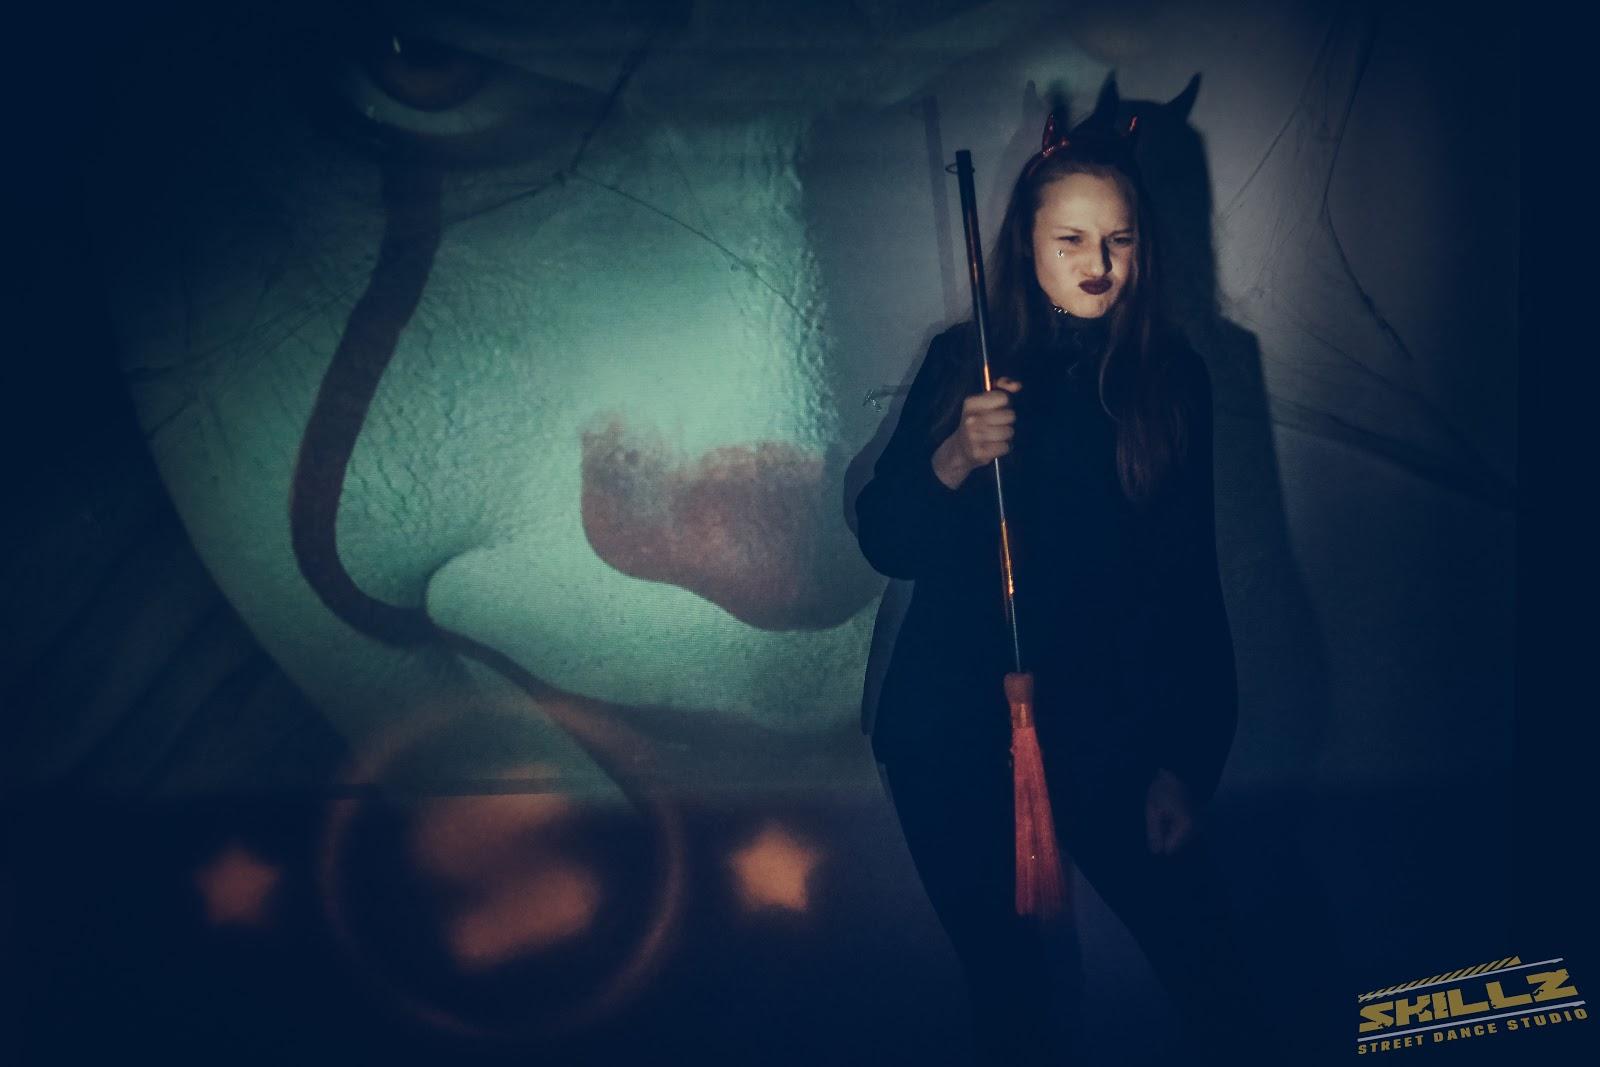 Naujikų krikštynos @SKILLZ (Halloween tema) - PANA1630.jpg